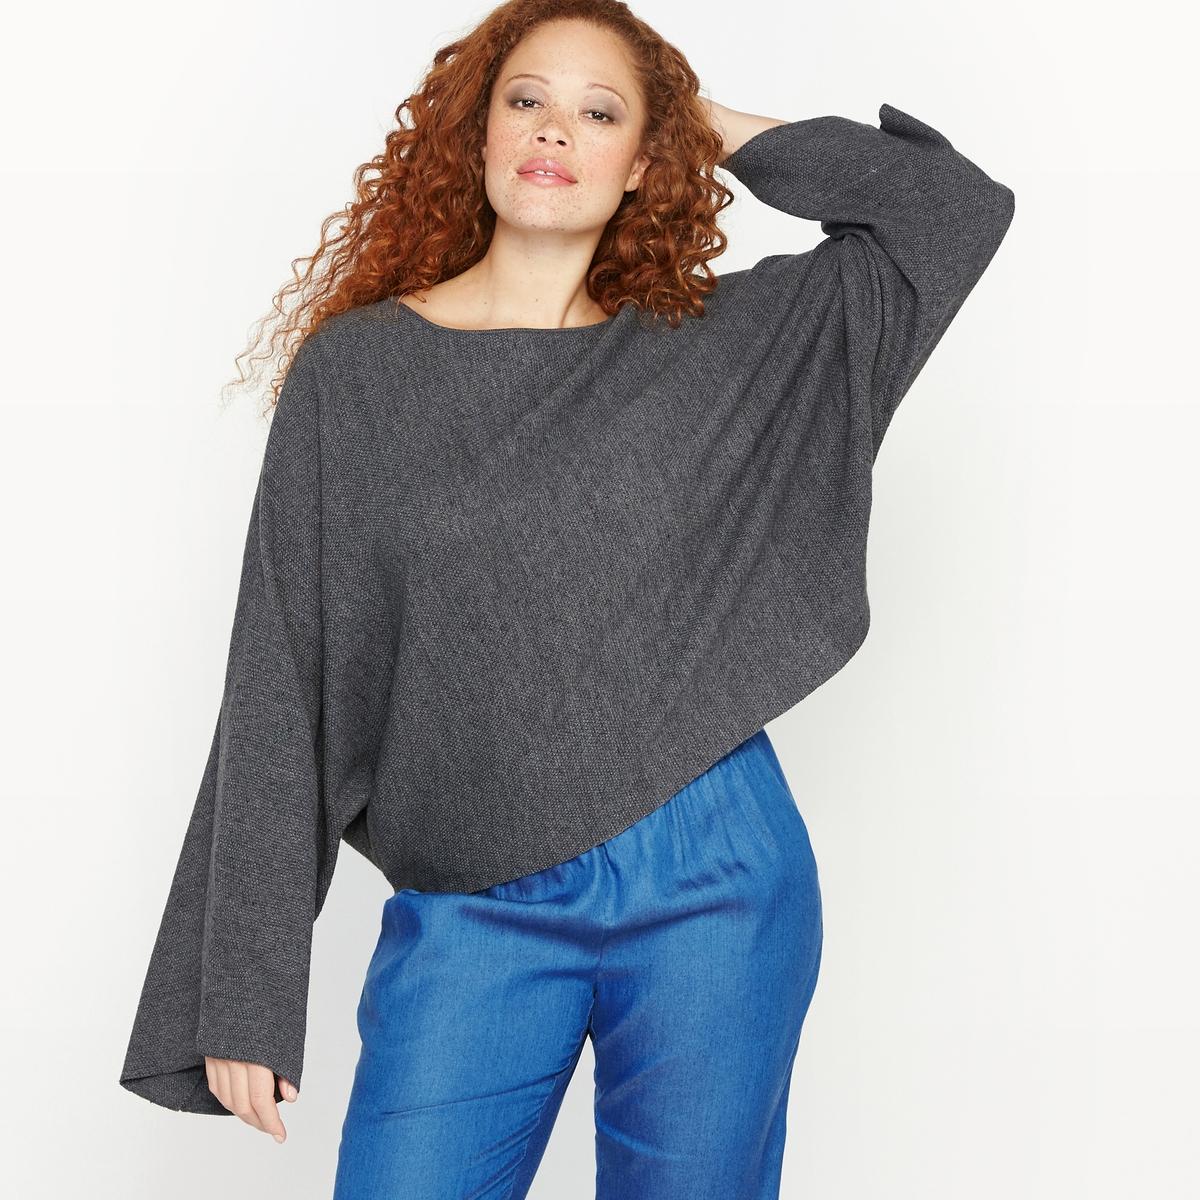 Пуловер укороченныйСостав и описание :Материал : 67% хлопка, 33% акрила.Длина : 59 см для размера 48.Марка : CASTALUNAУход : Машинная стирка при 40 °С.<br><br>Цвет: антрацит/меланж